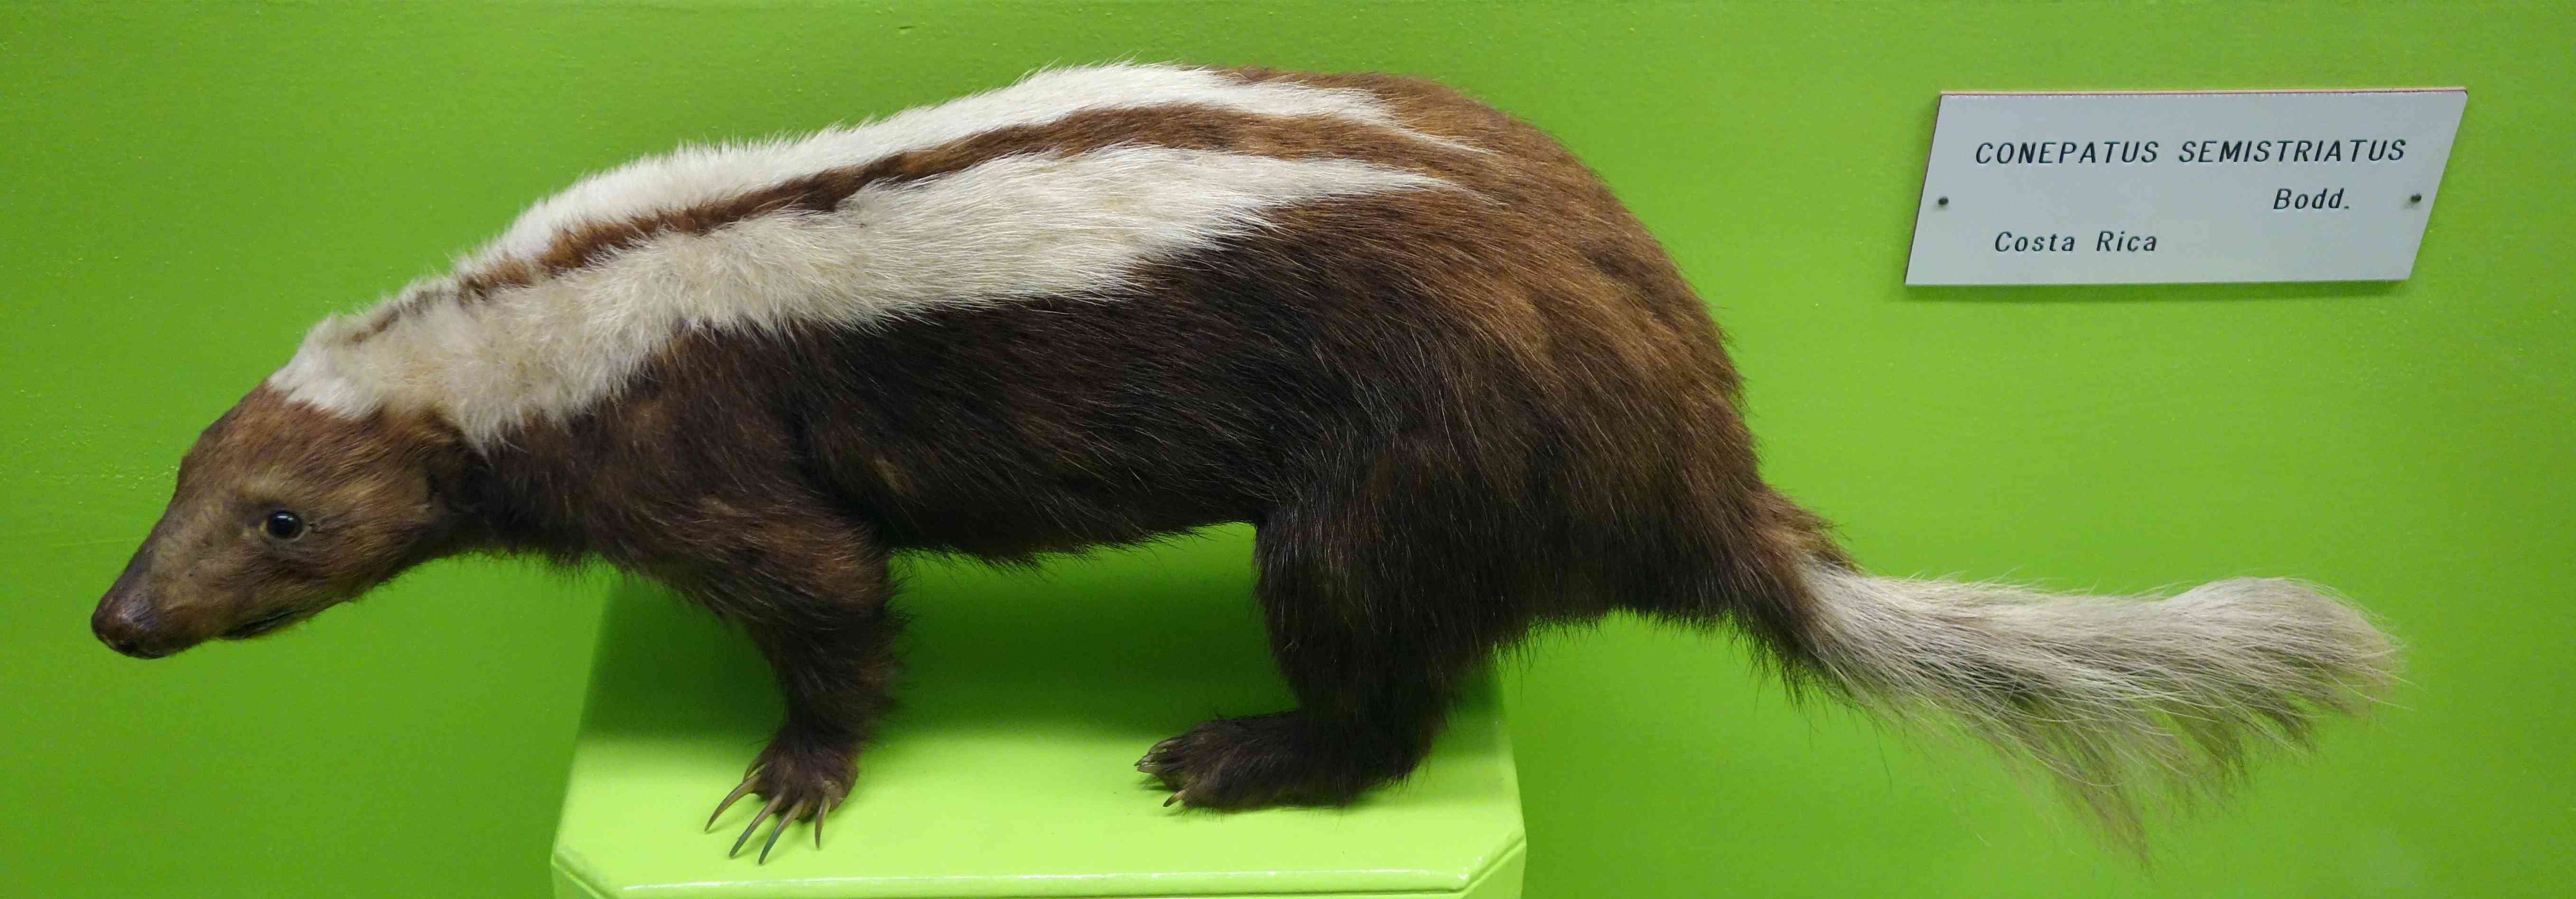 Conepatus semistriatus striped hog-nosed skunk in museum